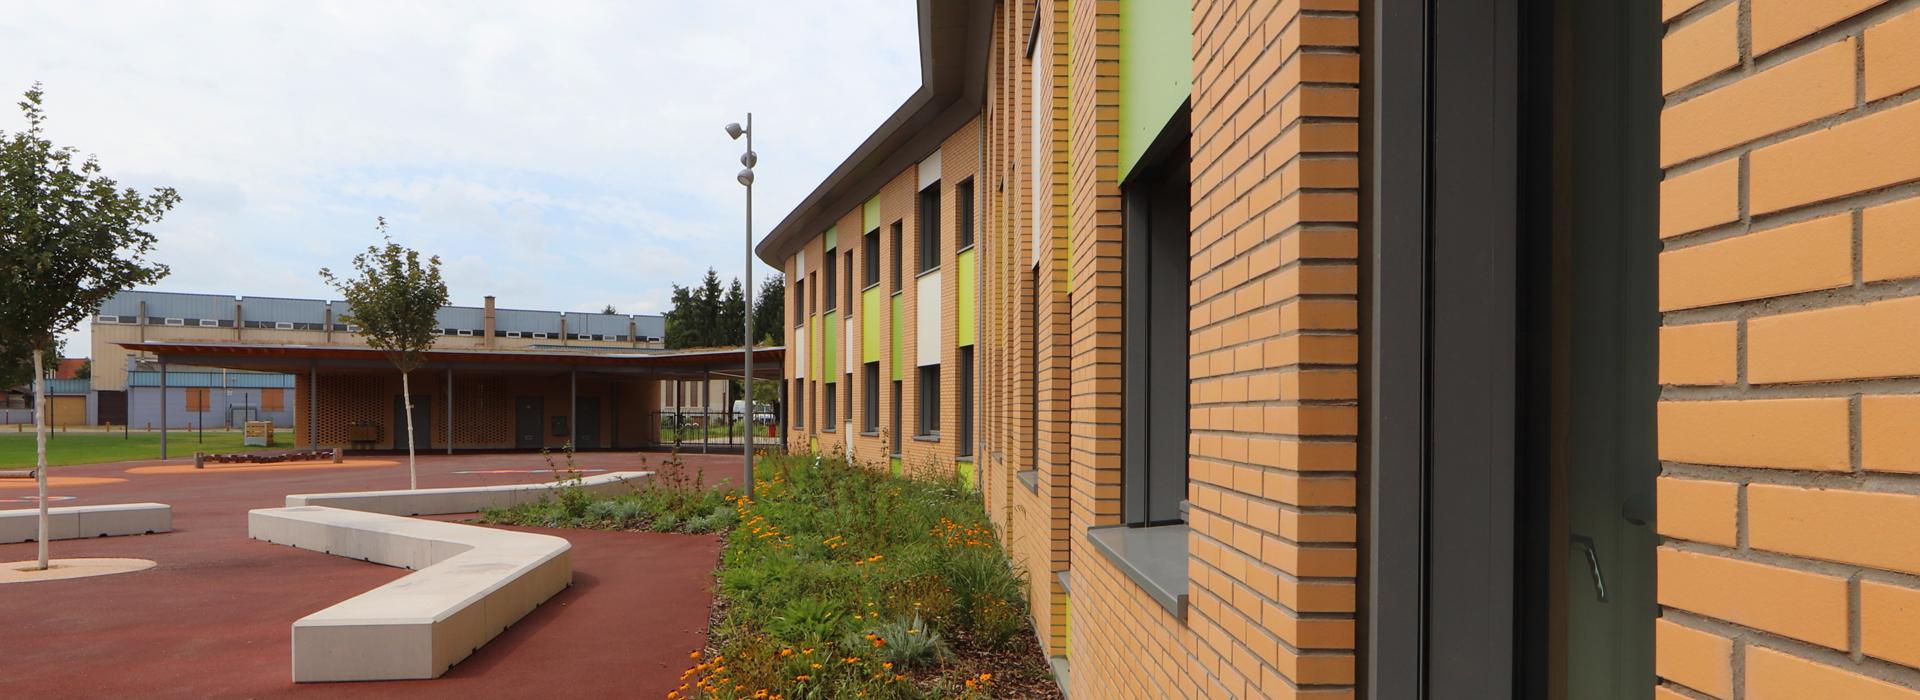 façade briques École élémentaire Plobsheim